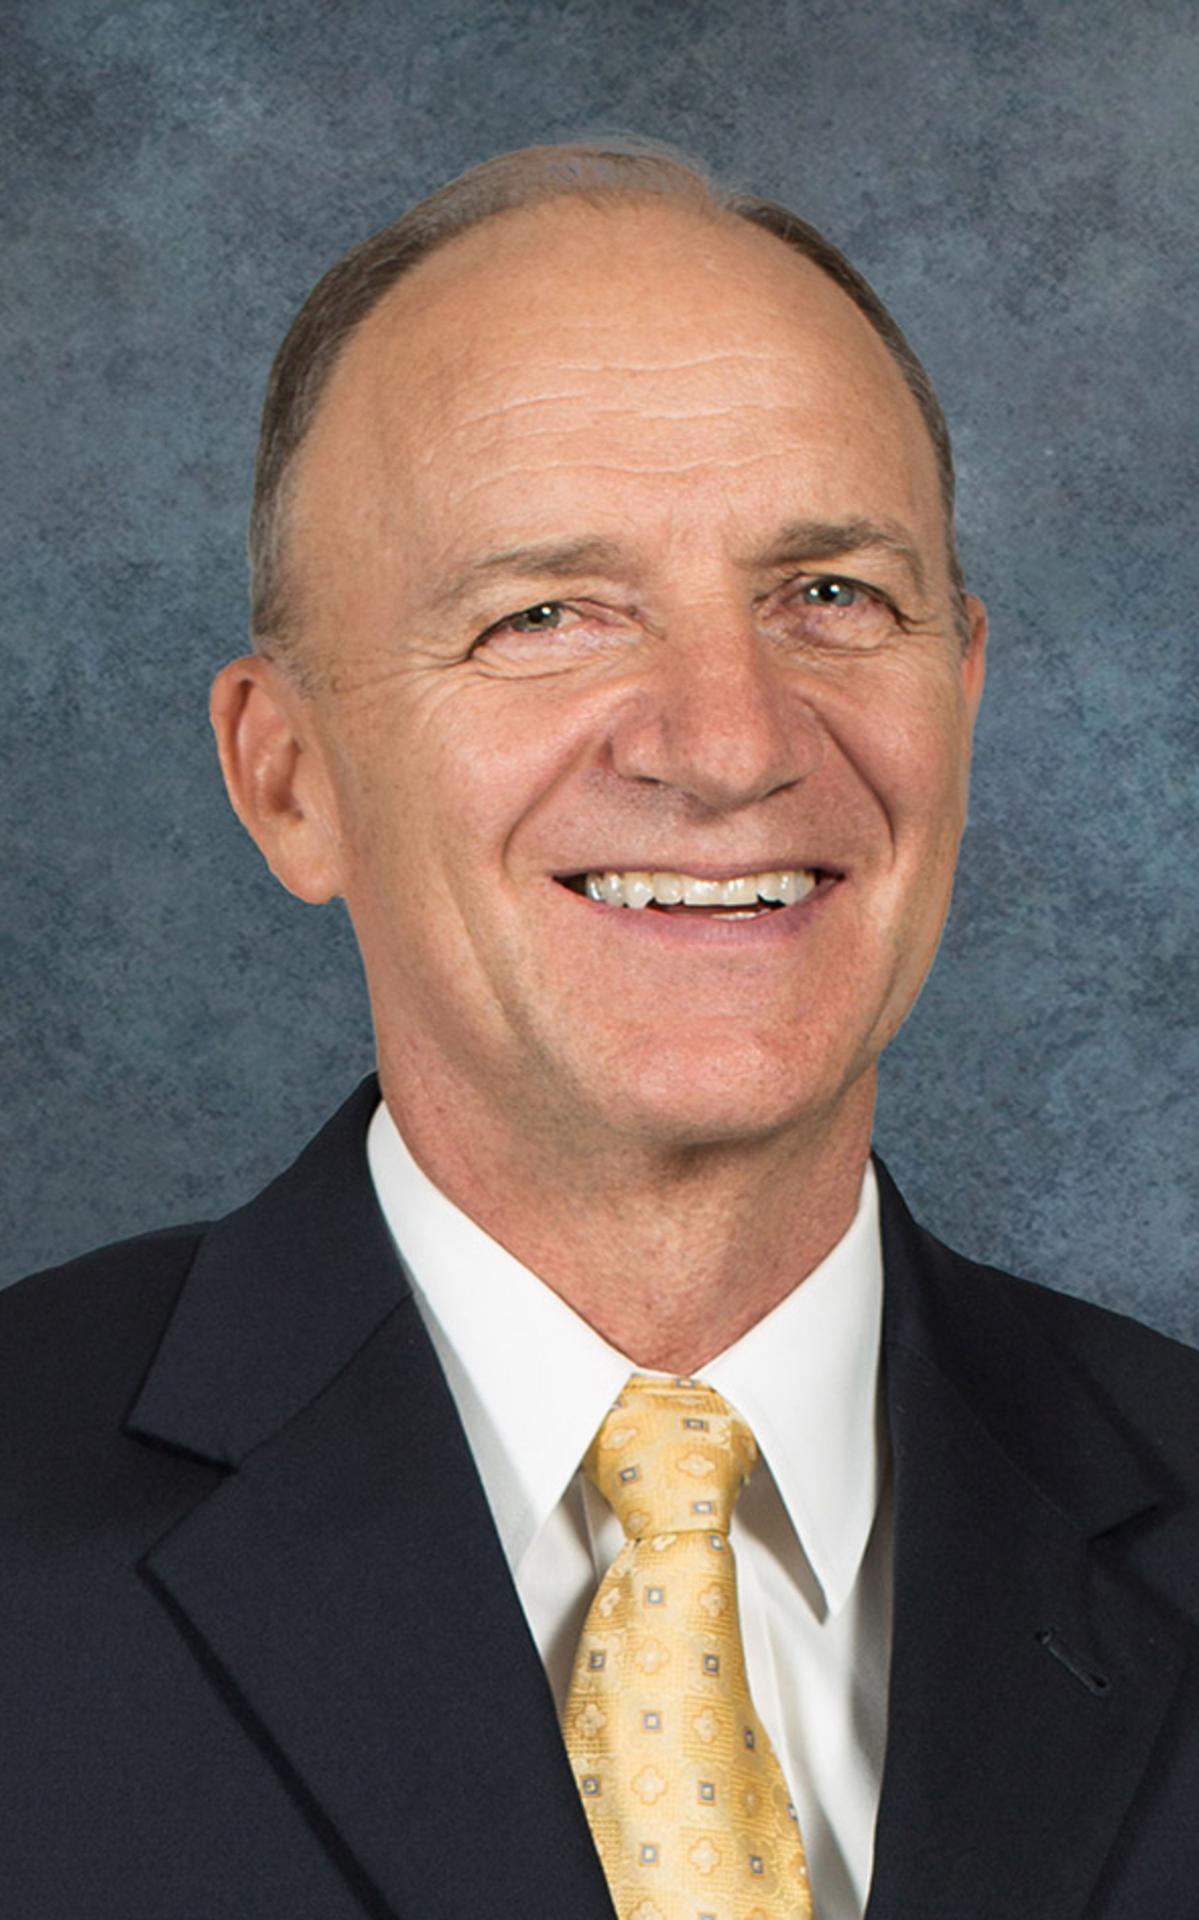 Élder Paul B. Pieper